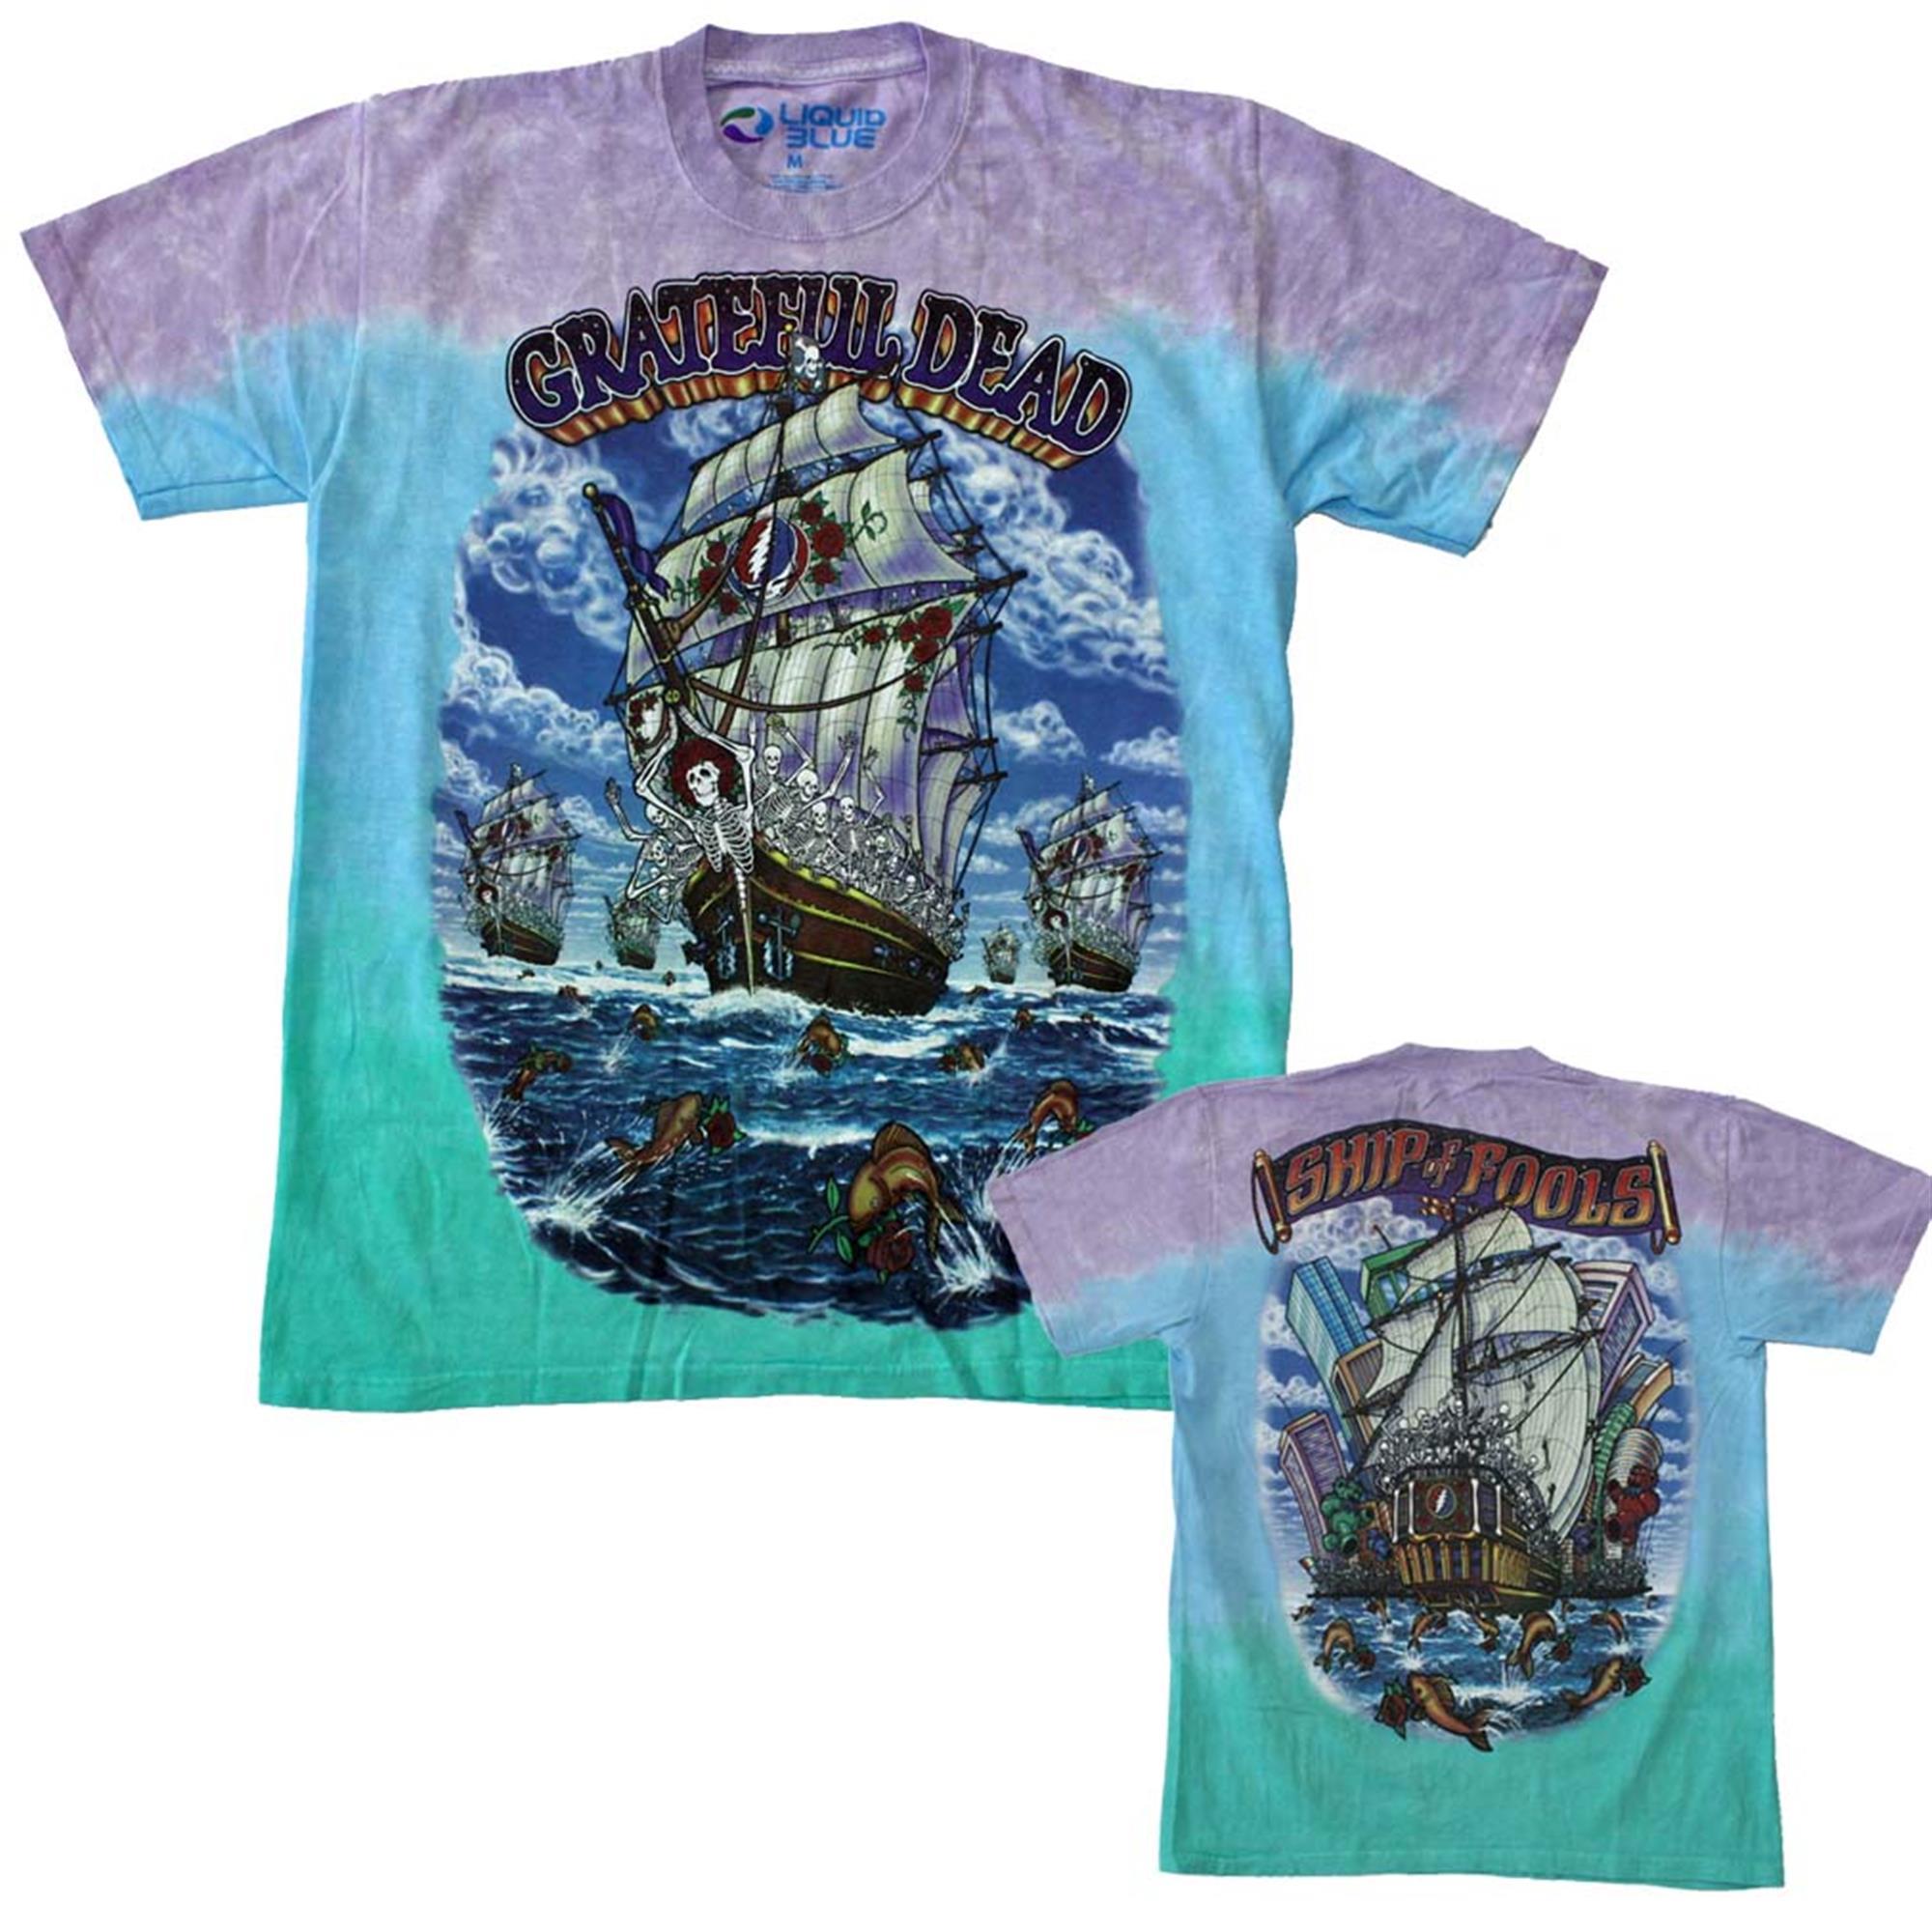 Grateful Dead Ship of Fools T-Shirt